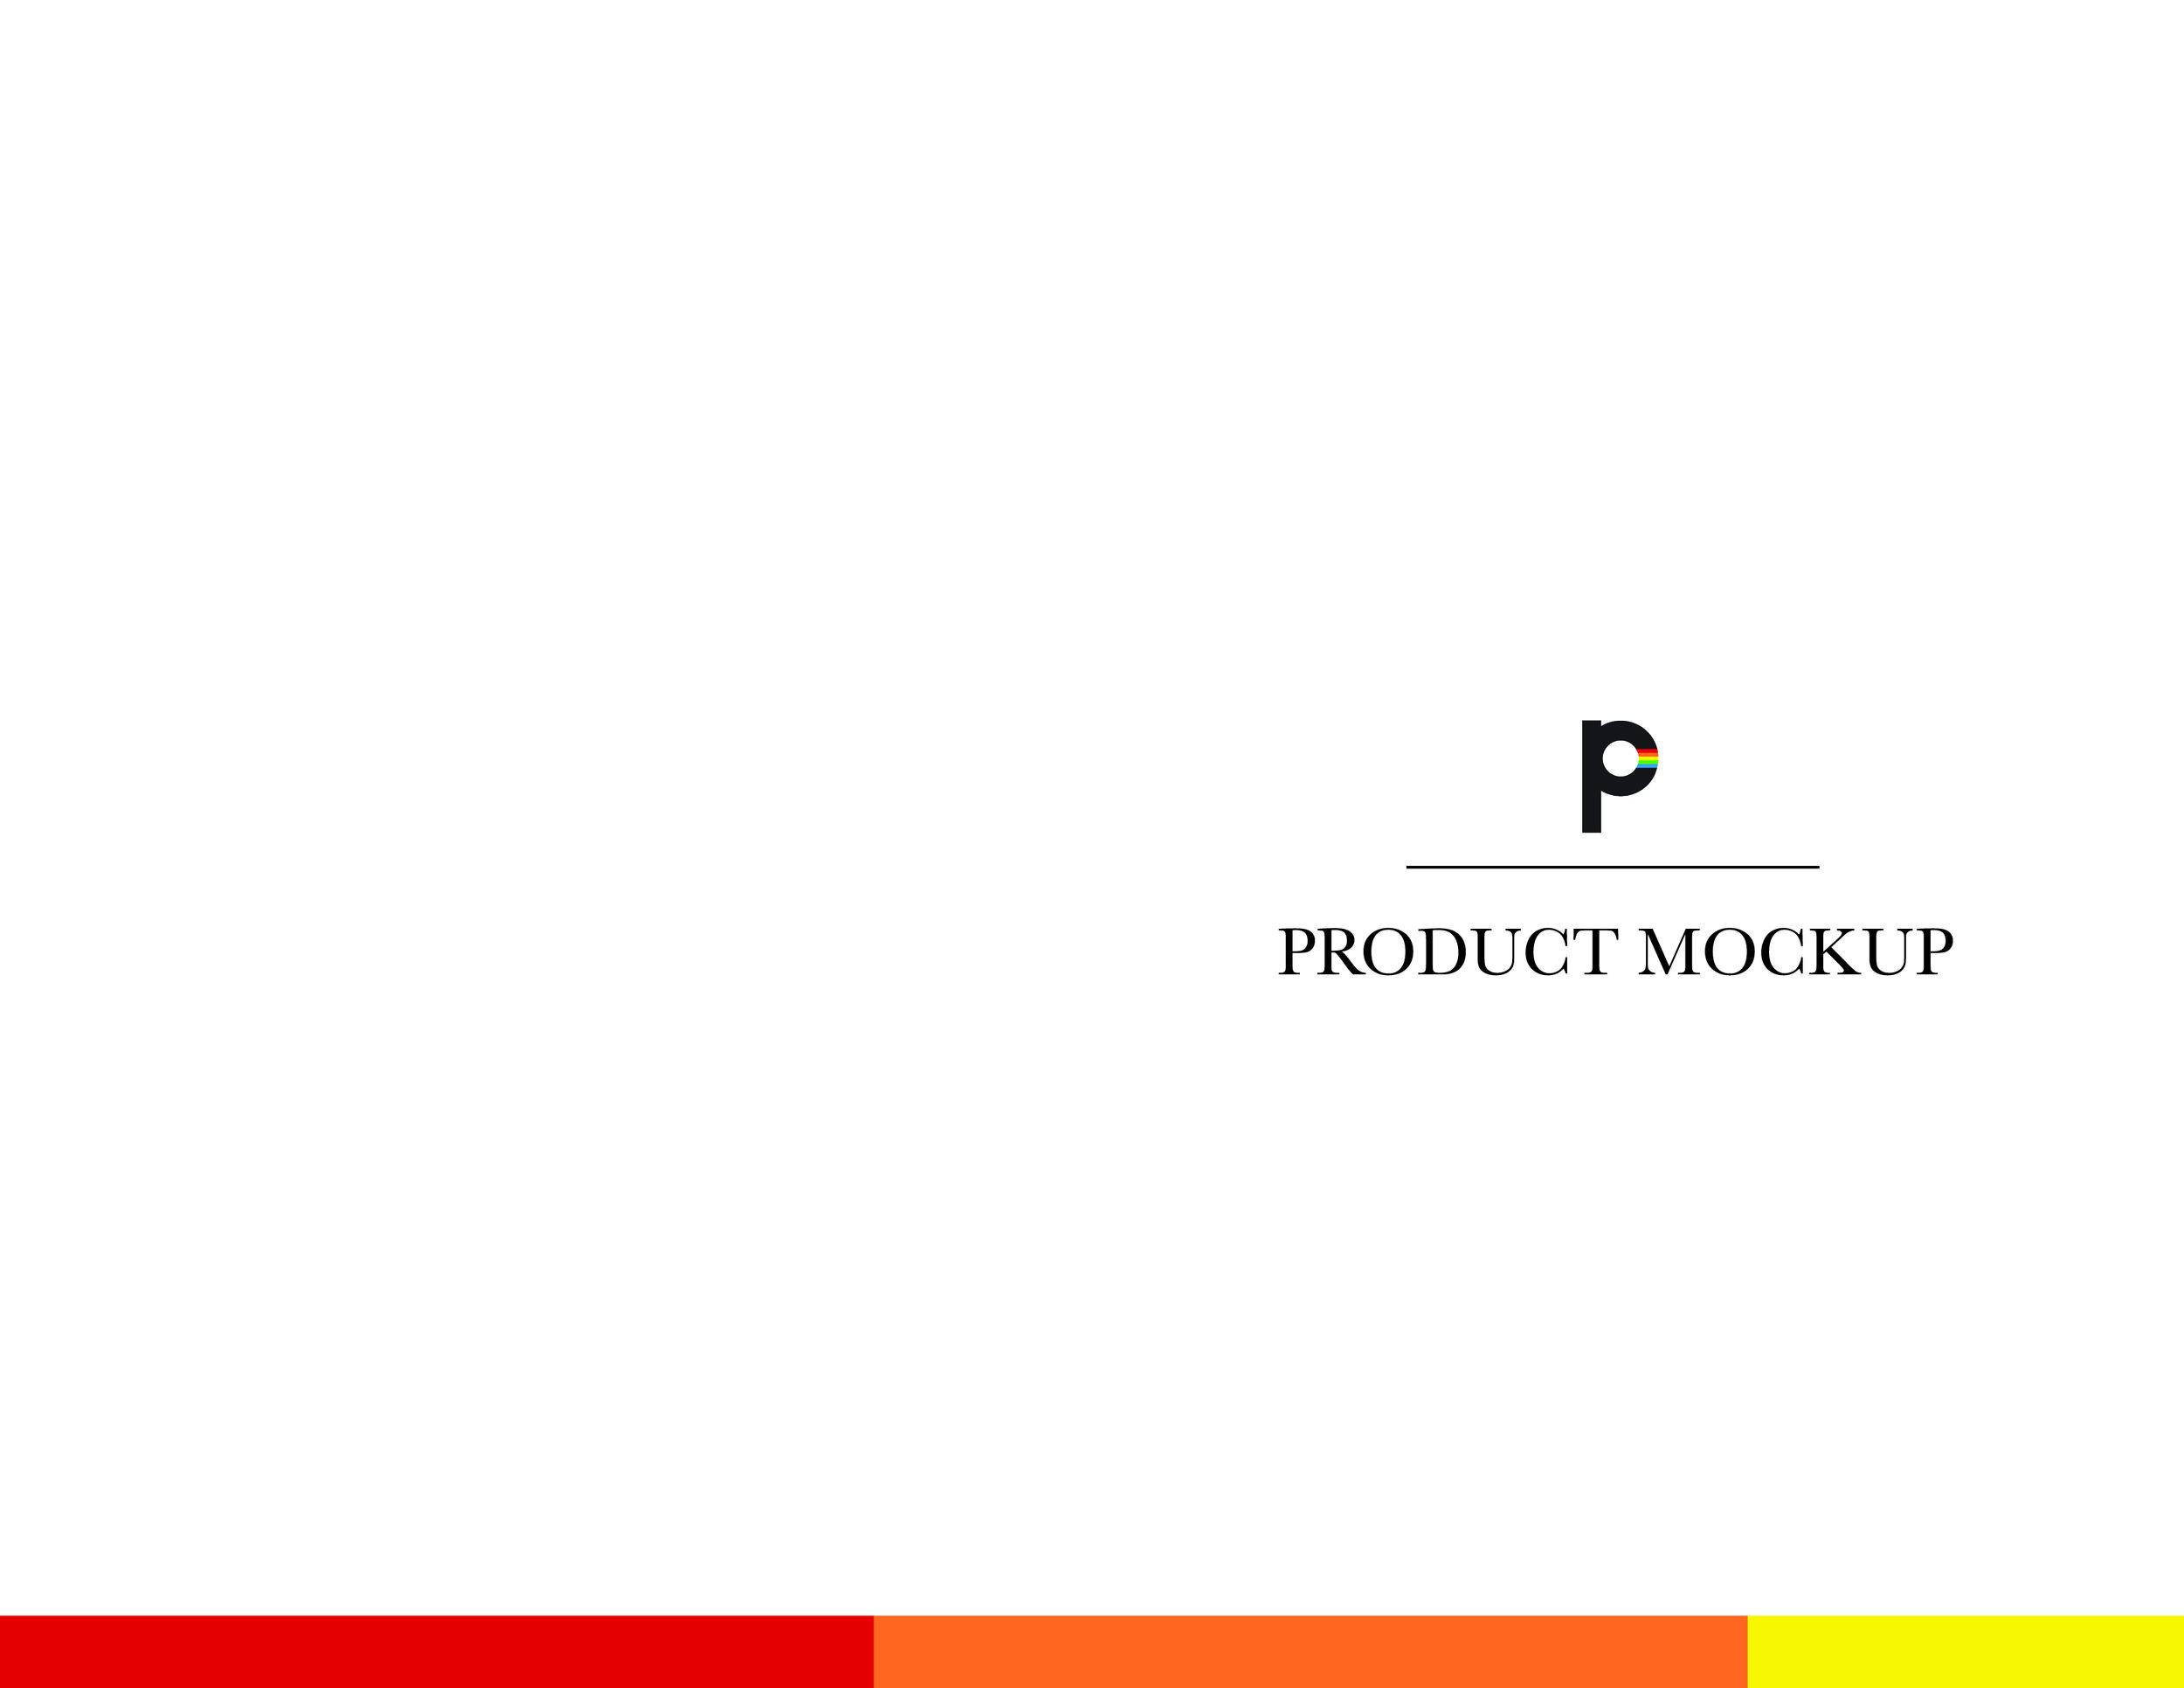 Polaroid Brand Guide 114.jpg